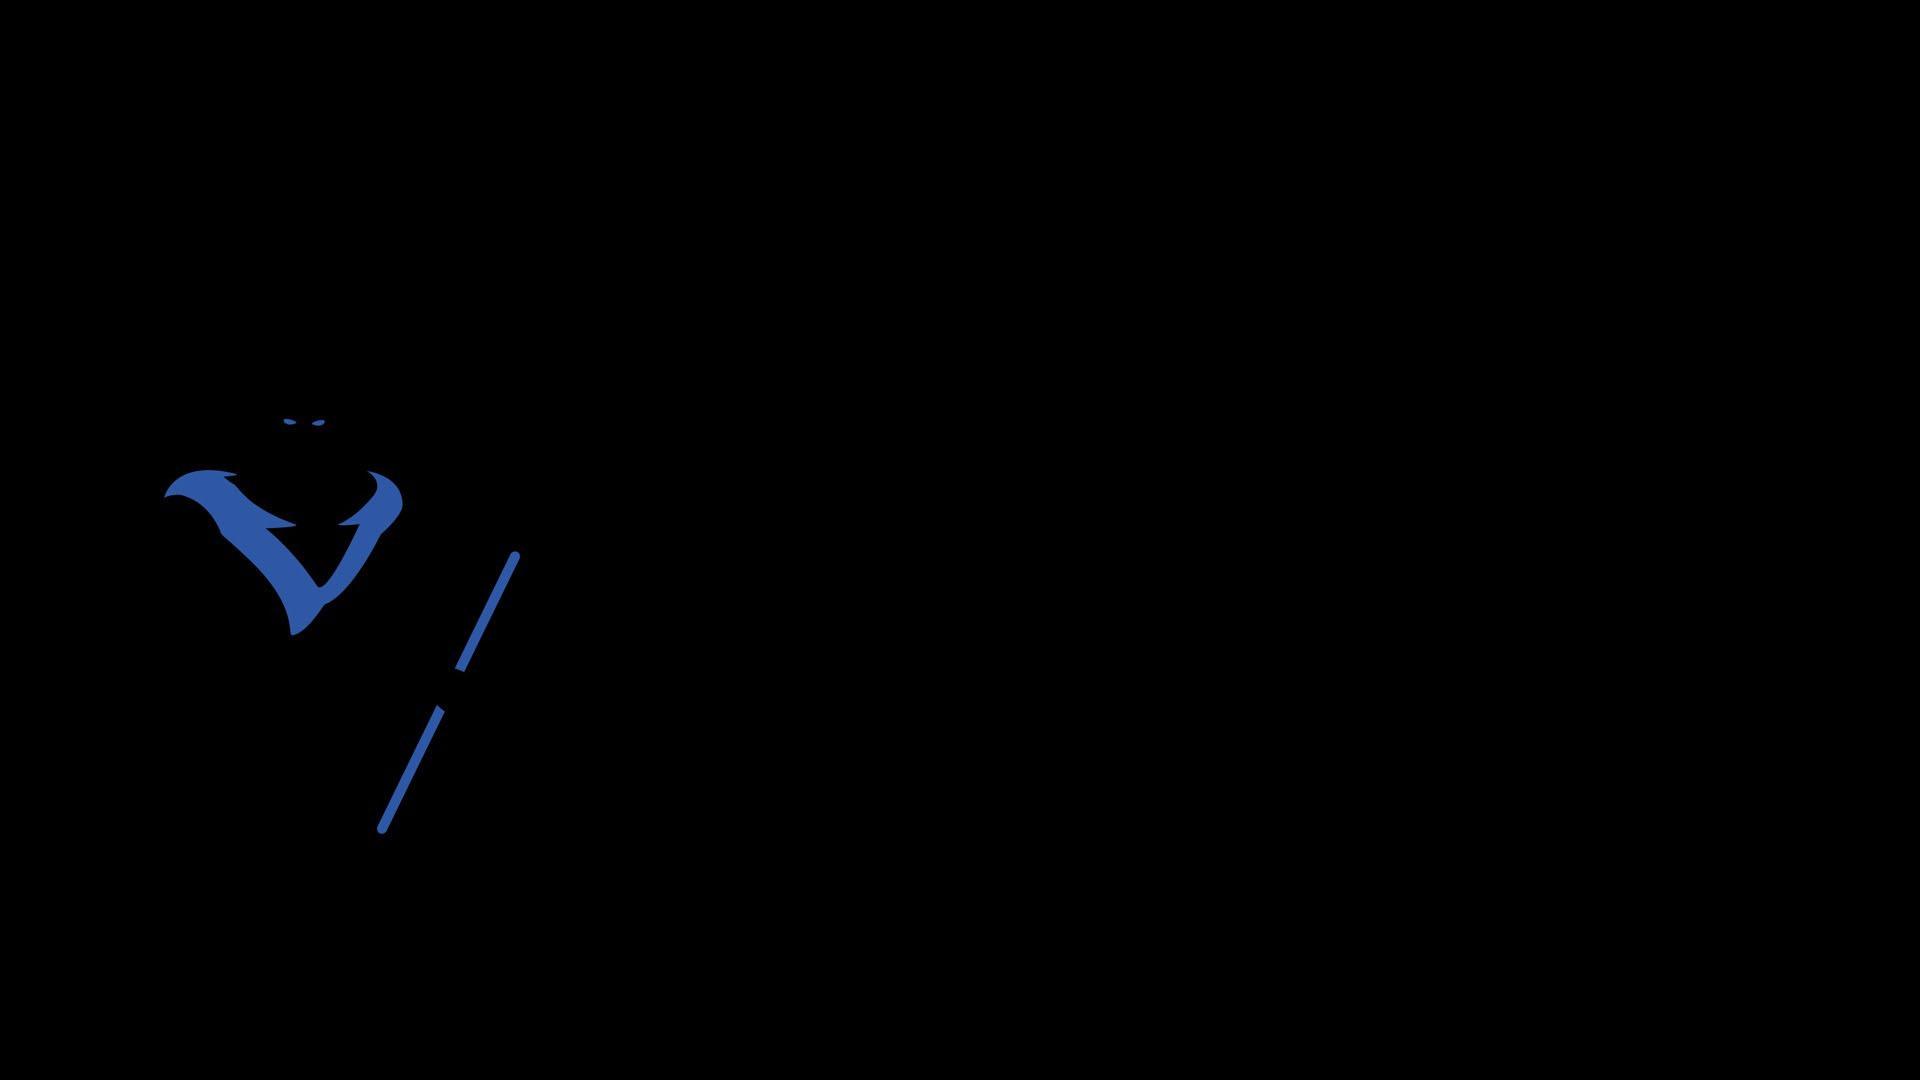 Hình nền tối độc đáo